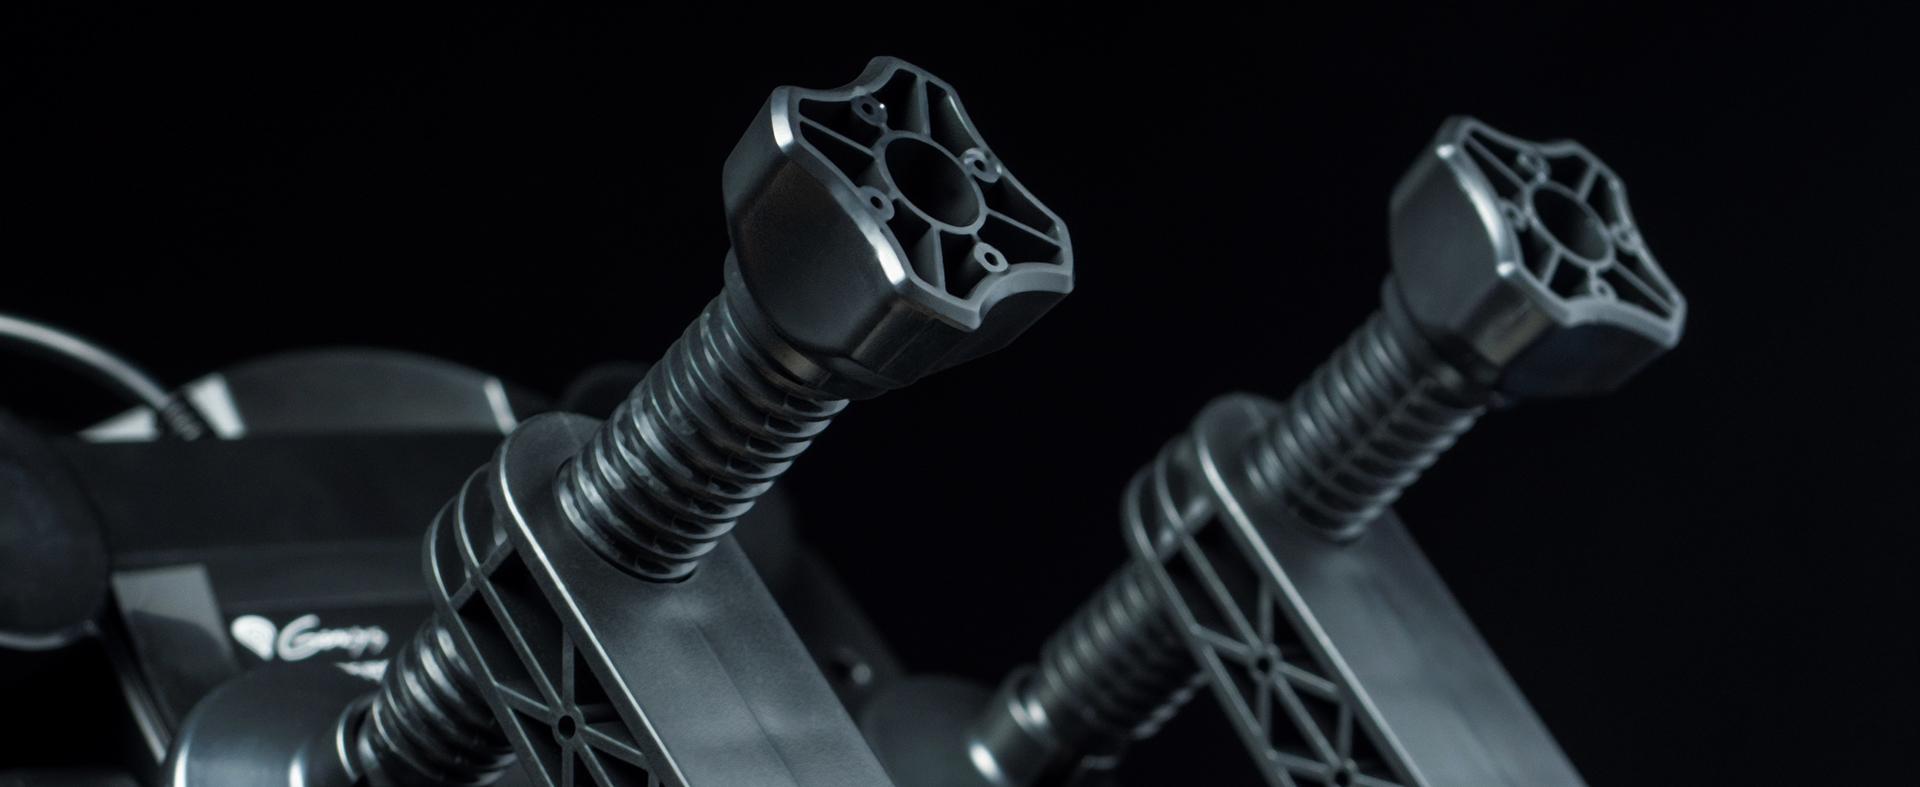 pc / konsol 10 için sürüş tekerleği genesis seaborg 400